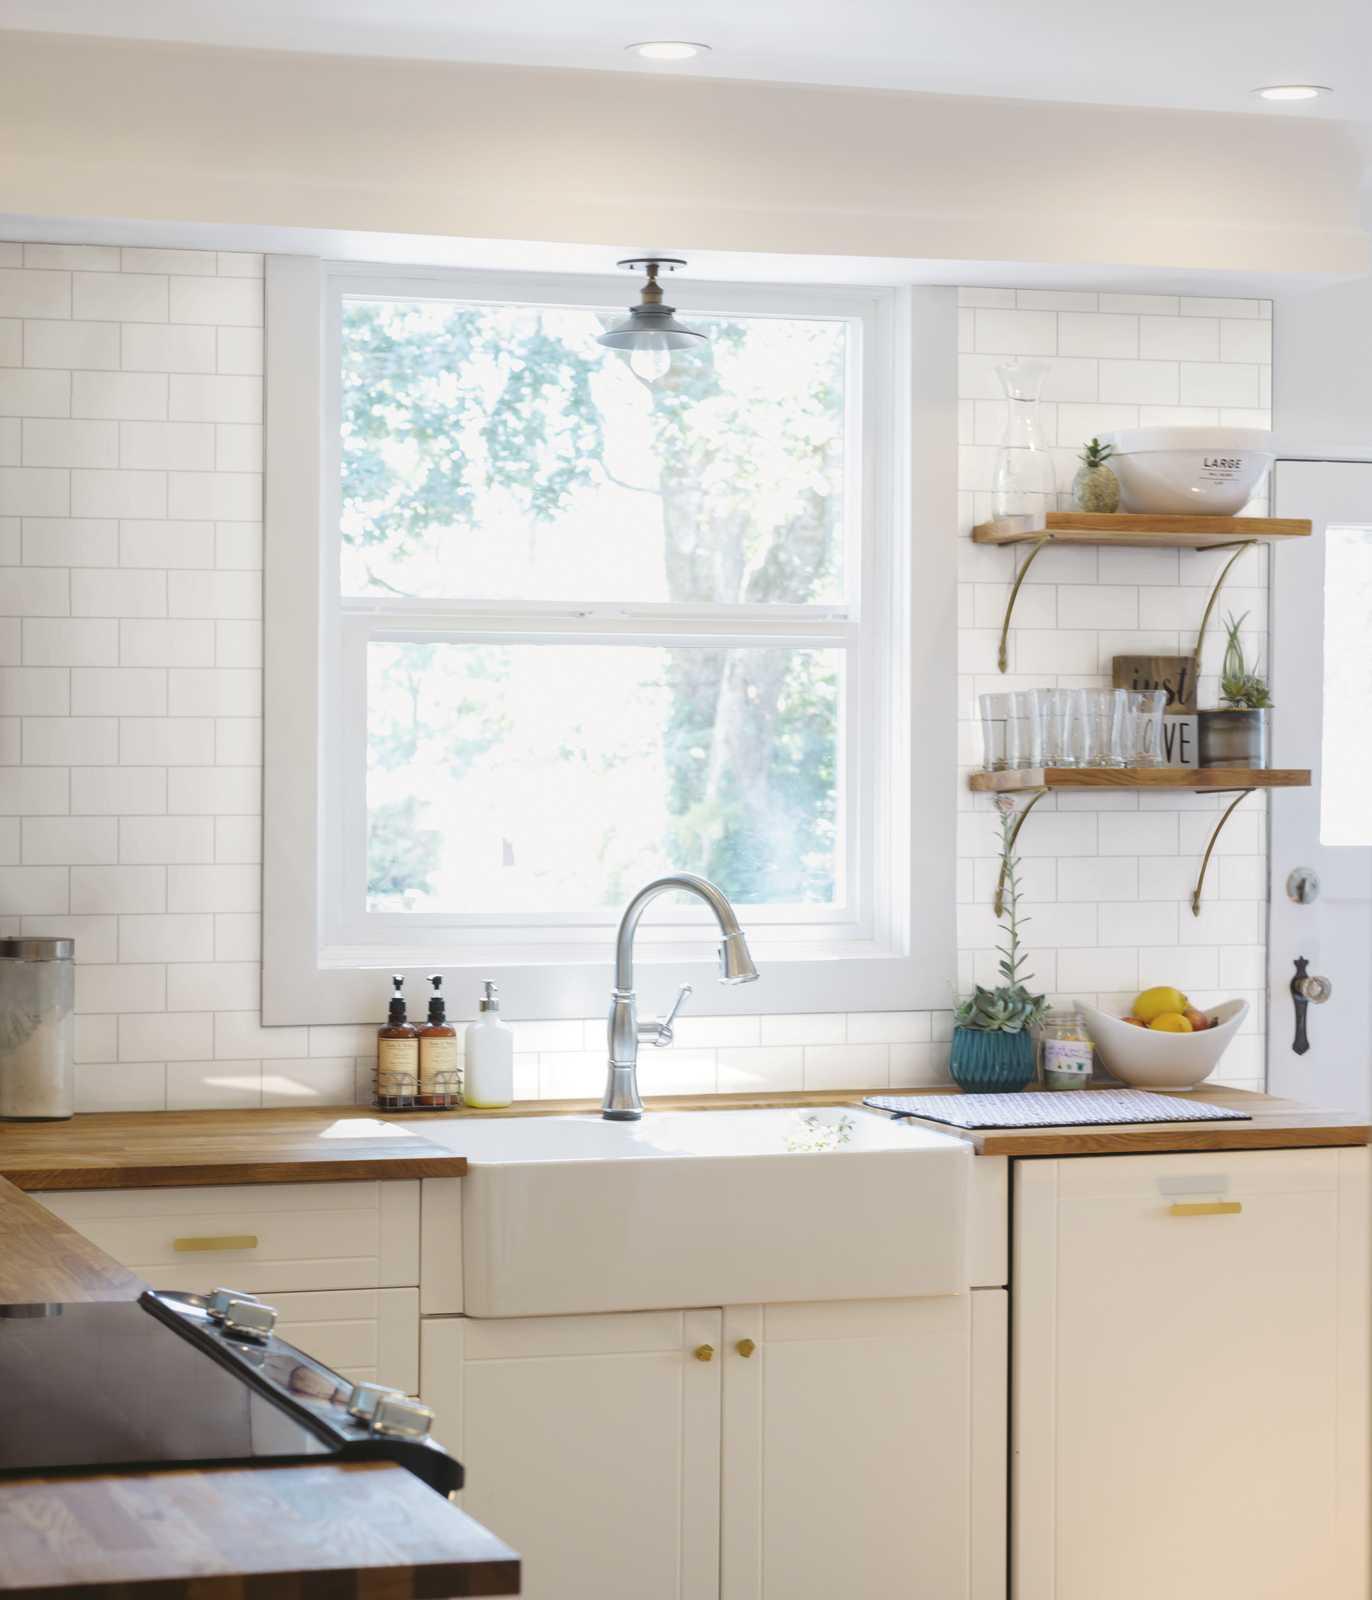 Piastrelle cucina idee in ceramica e gres marazzi - Piastrelle cucina rosse ...